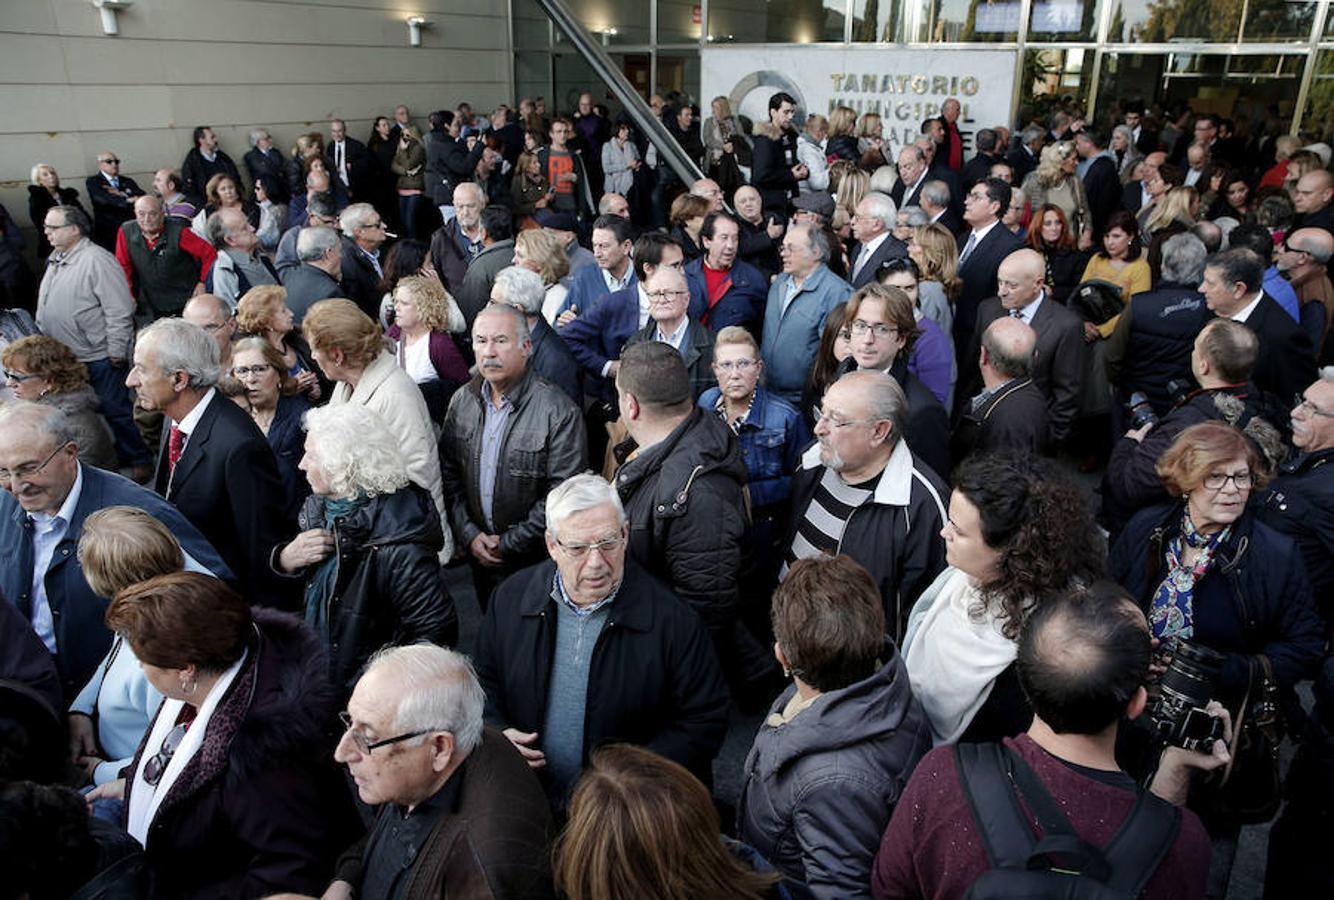 Numerosas personas salen del Tanatorio Municipal de Valencia tras asistir a la misa por la exalcaldesa Rita Barberá